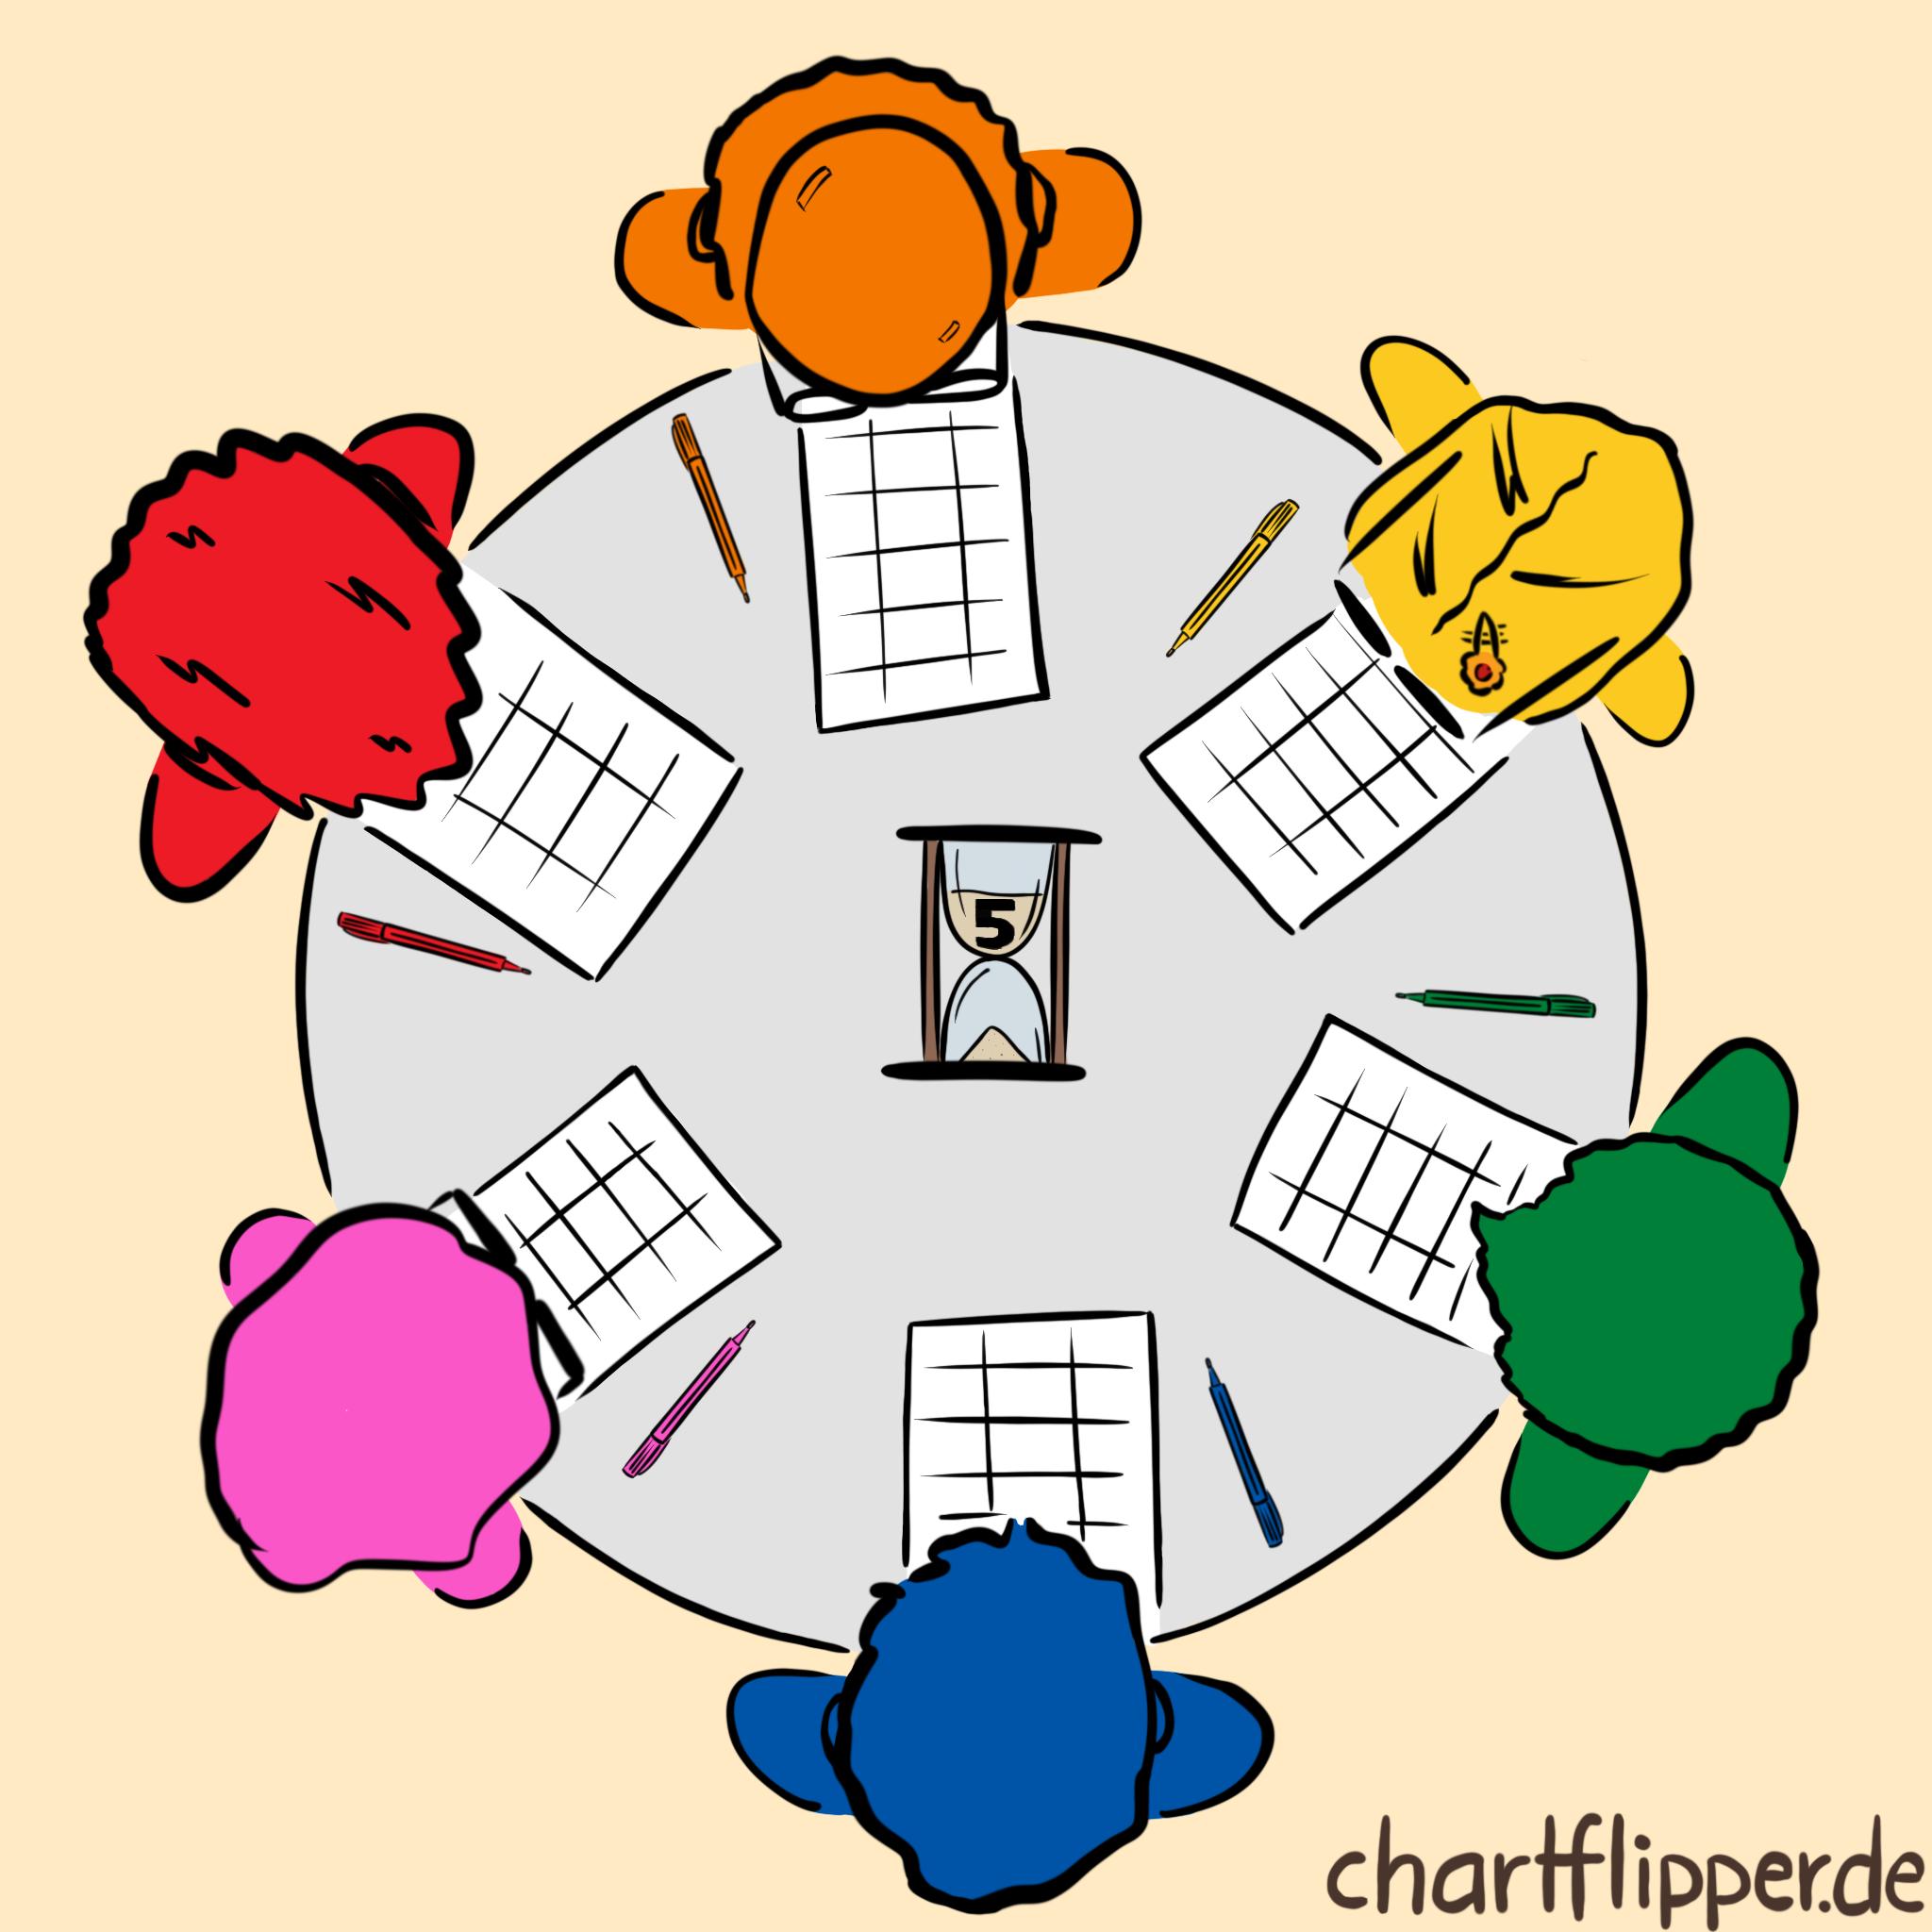 Die 635 Methode nutzt die Kreativität einer Gruppe 4 bis 6 Personen